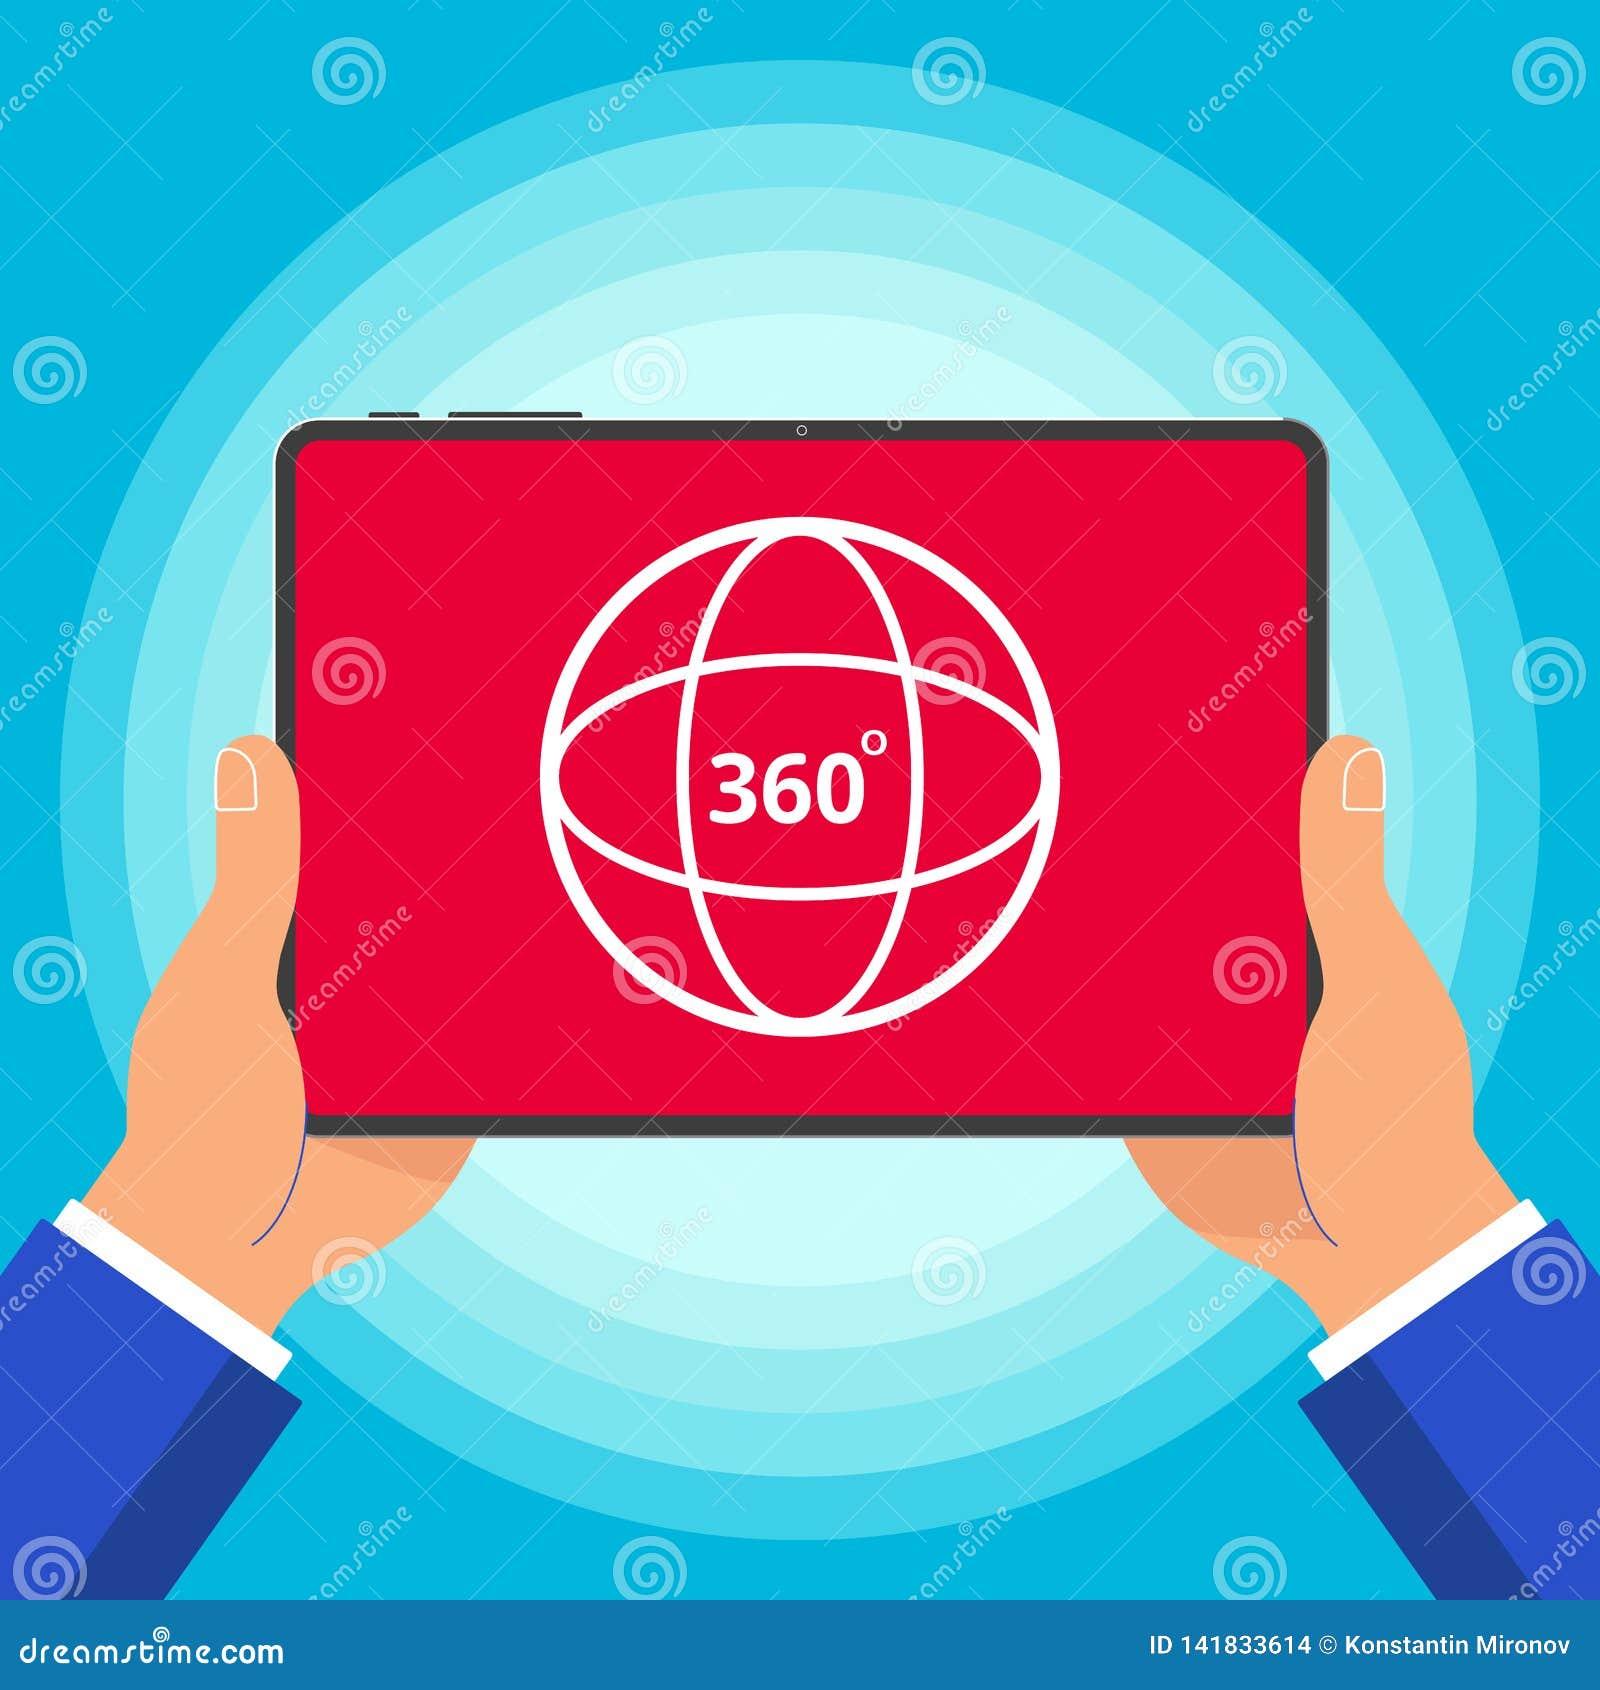 Handen die tabletapparaat met 360 graden van het hoek houden pictogram het teken op de van de het ontwerpstijl van het het scherm